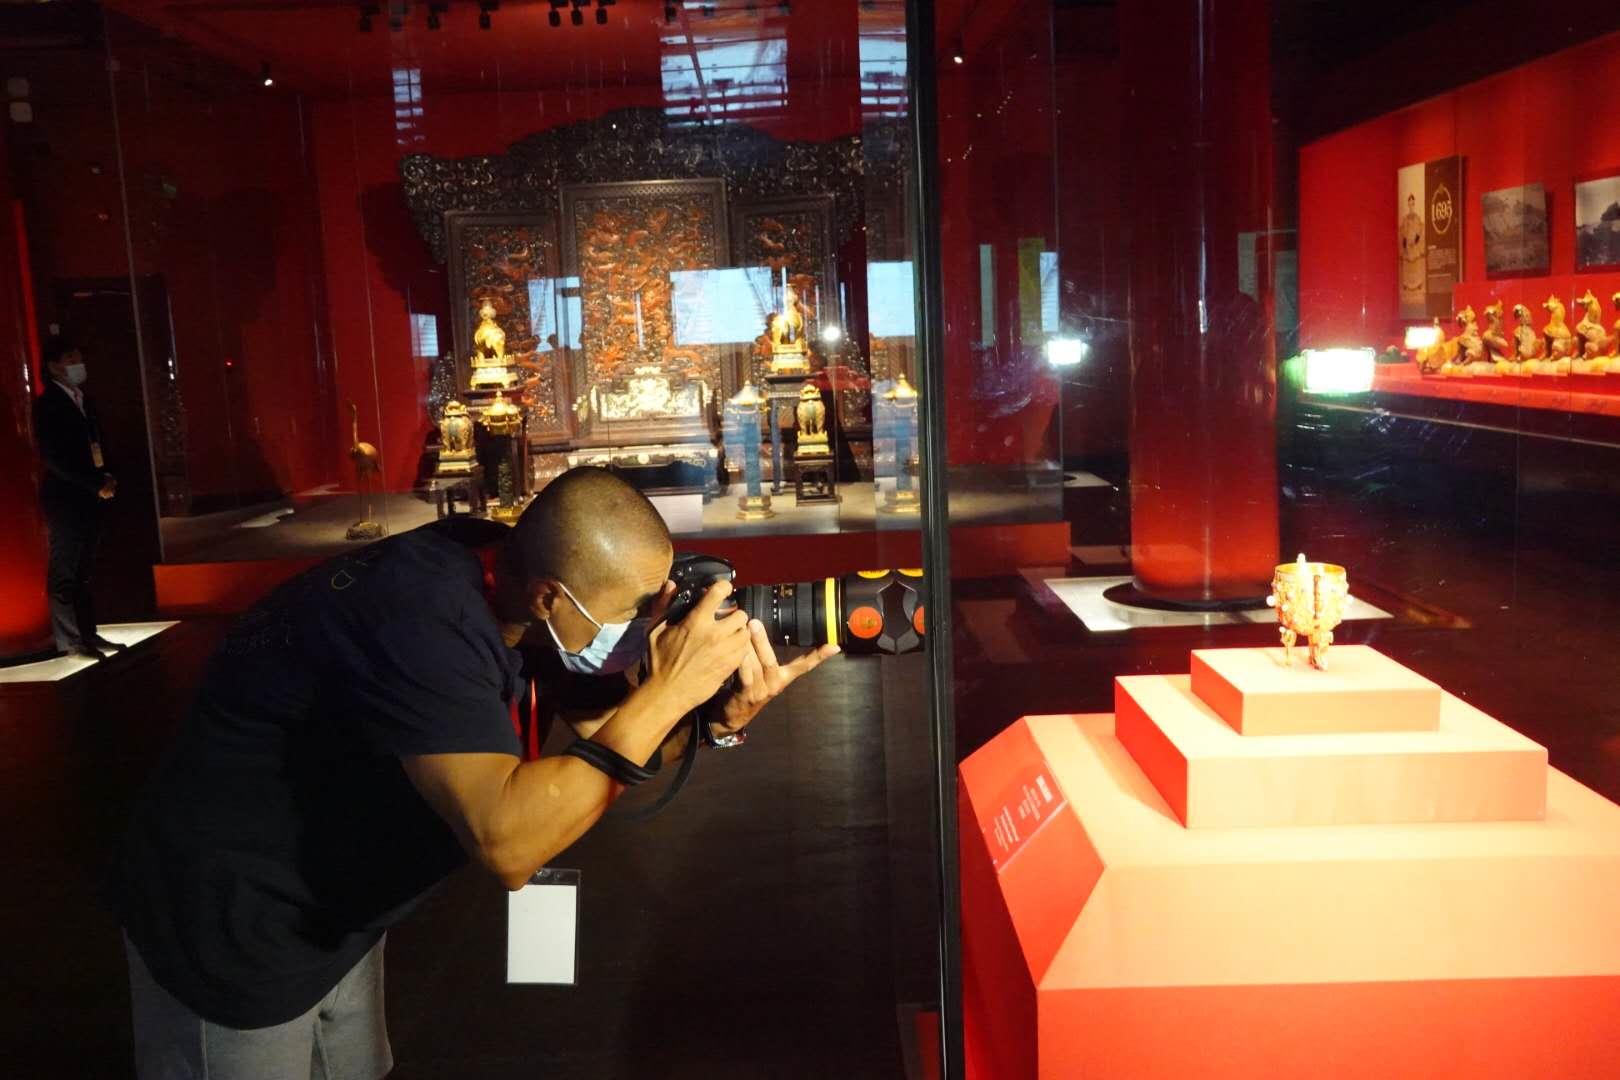 紫禁城建成六百年大展登场 深宫漆纱两百年来首展出_图1-4